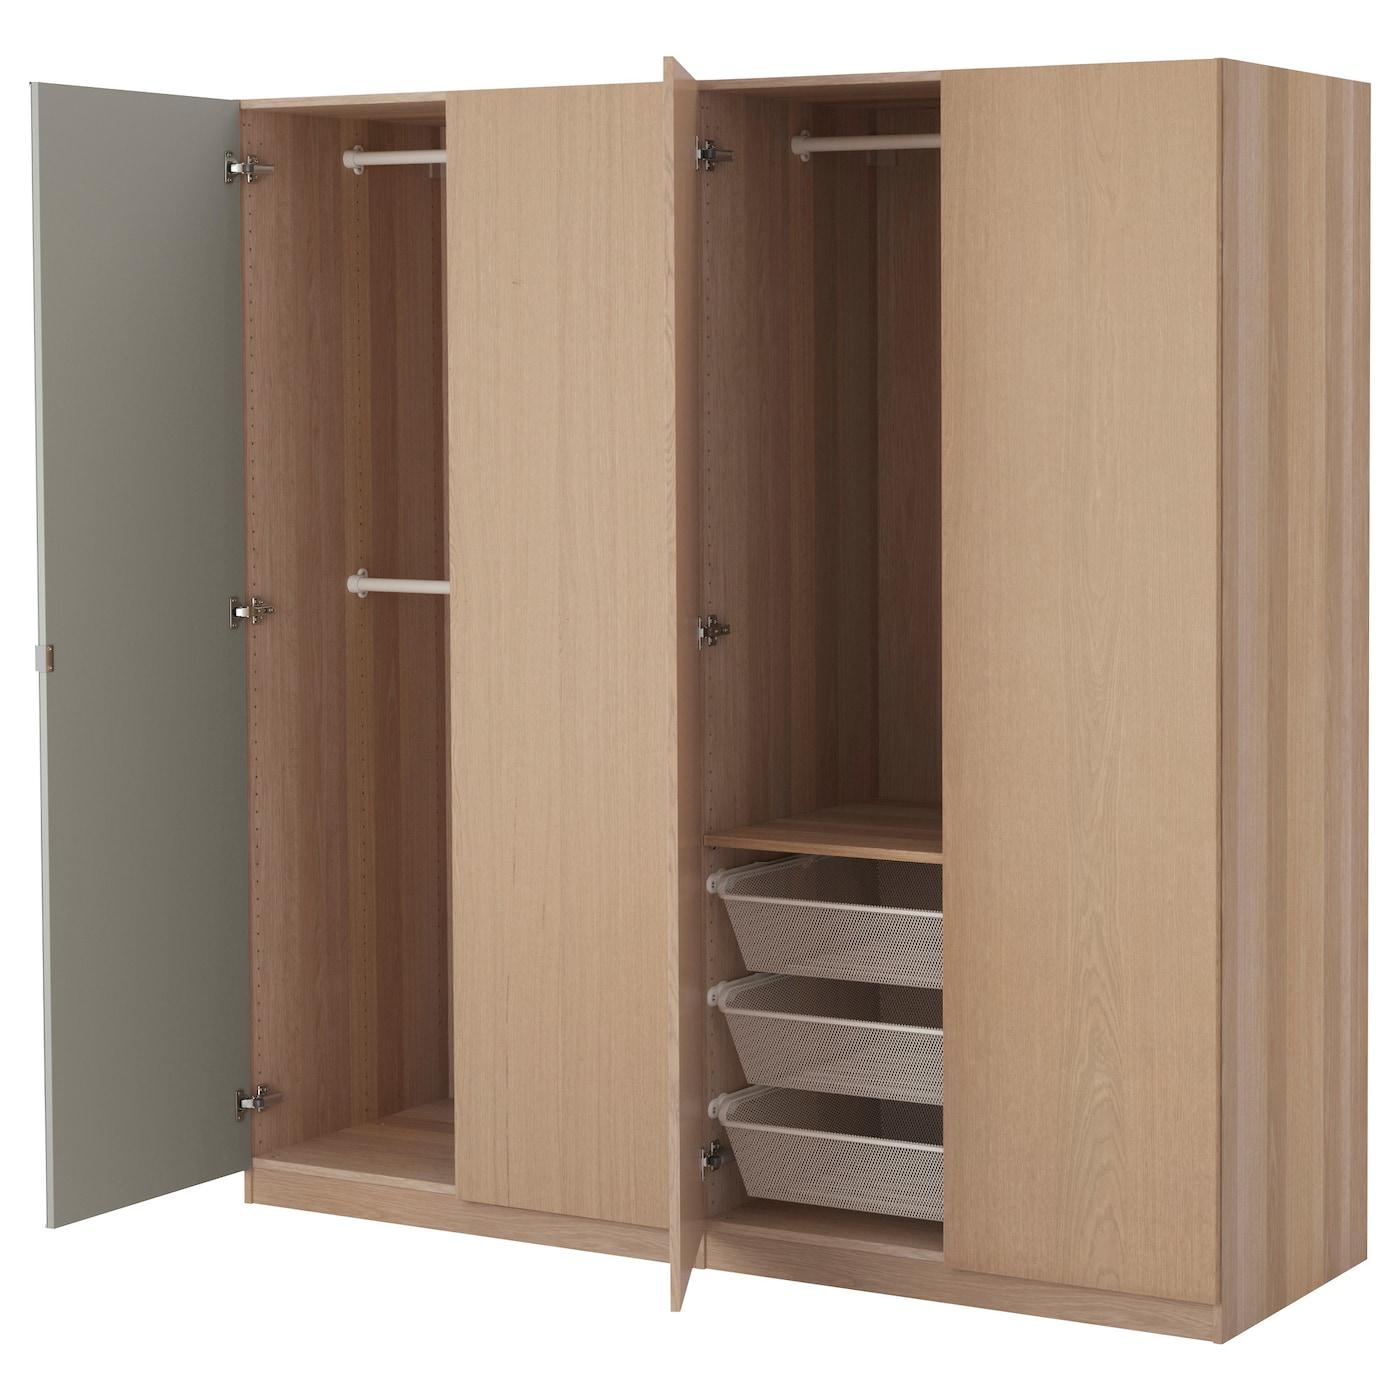 Gordijnen Kinderkamer Ikea. Gordijnen Ikea Het Is Een Geweldige ...